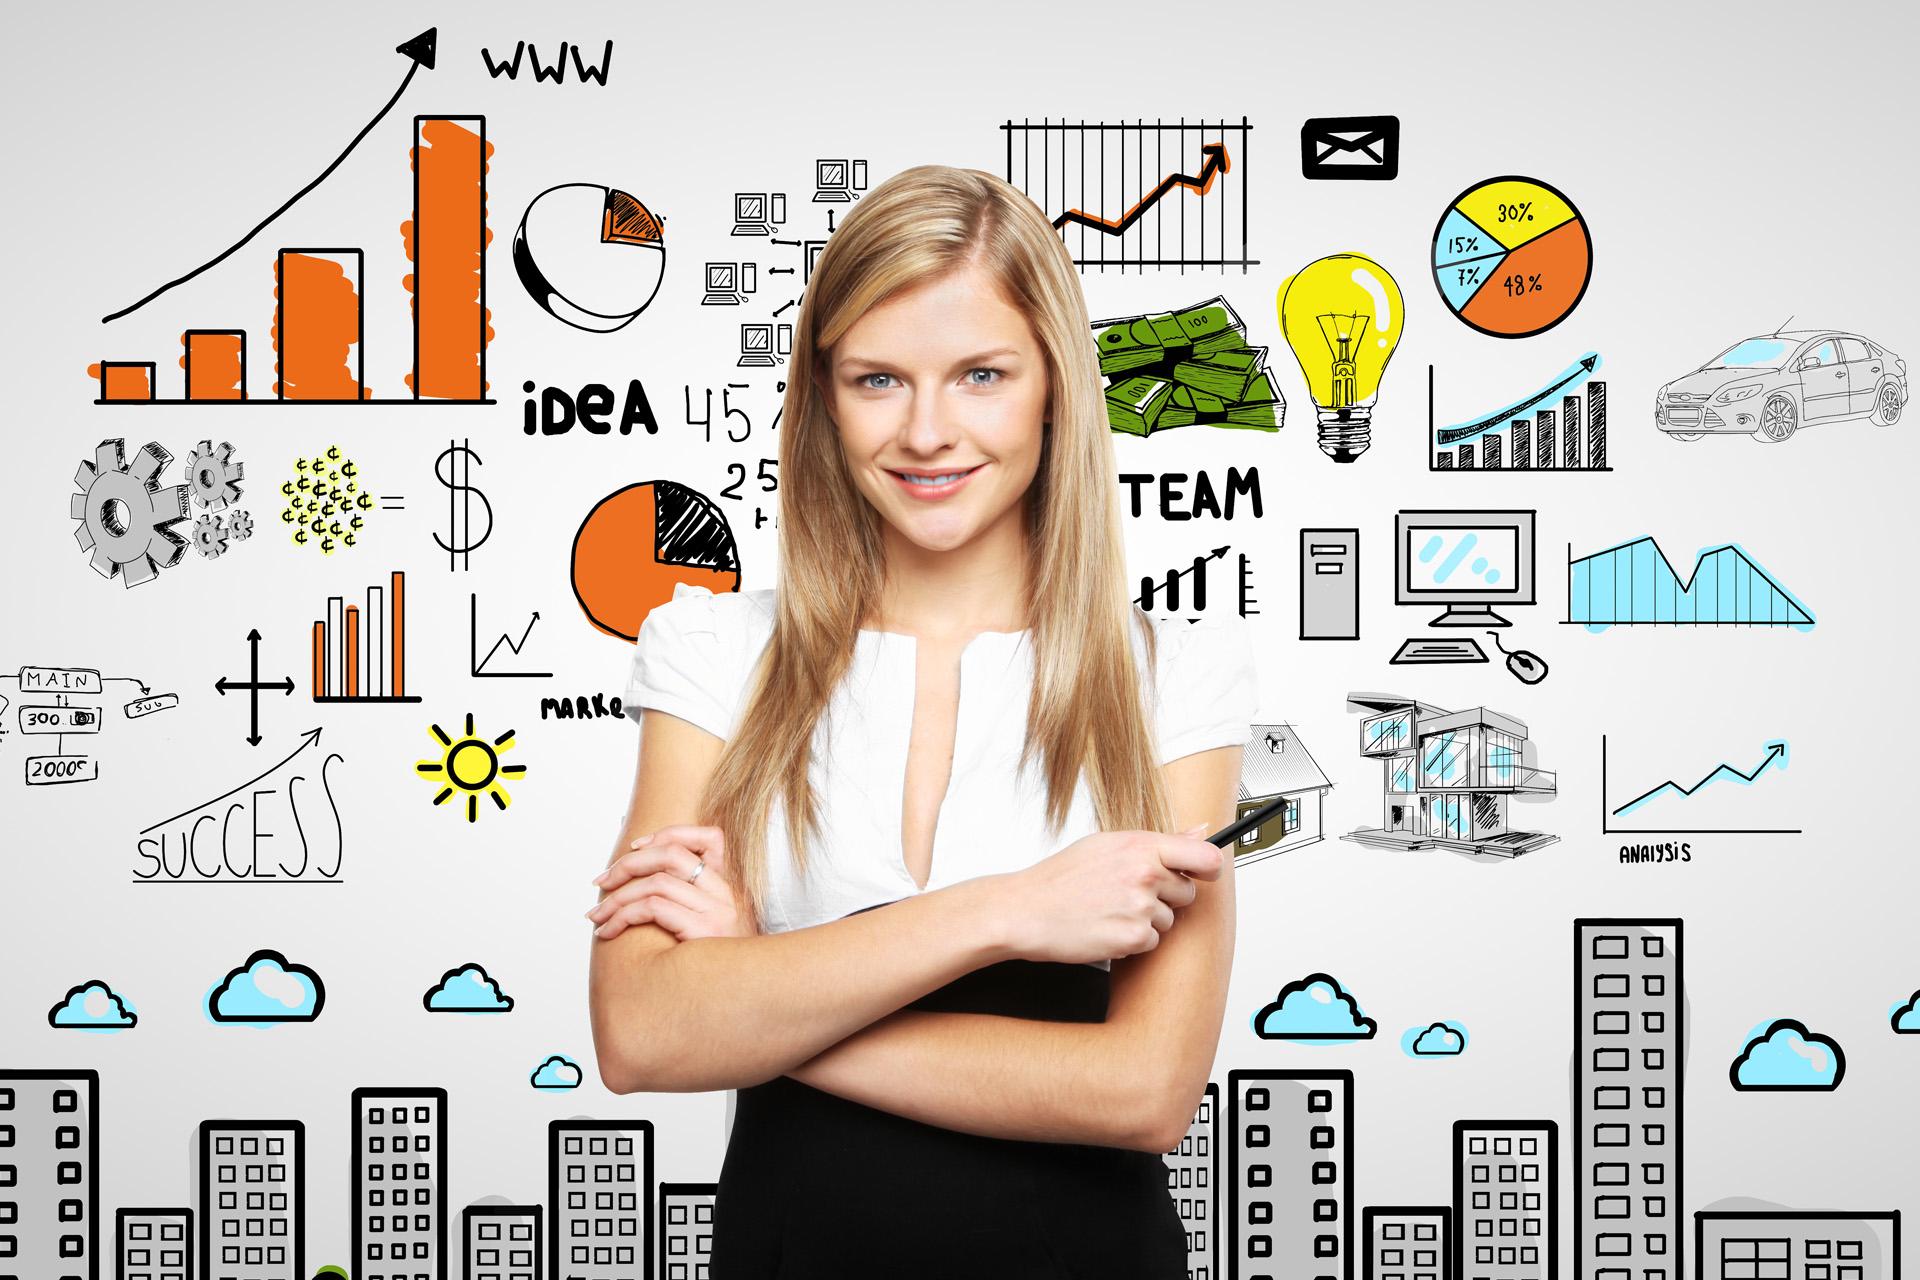 Jak bude vypadat Váš marketingový plán?